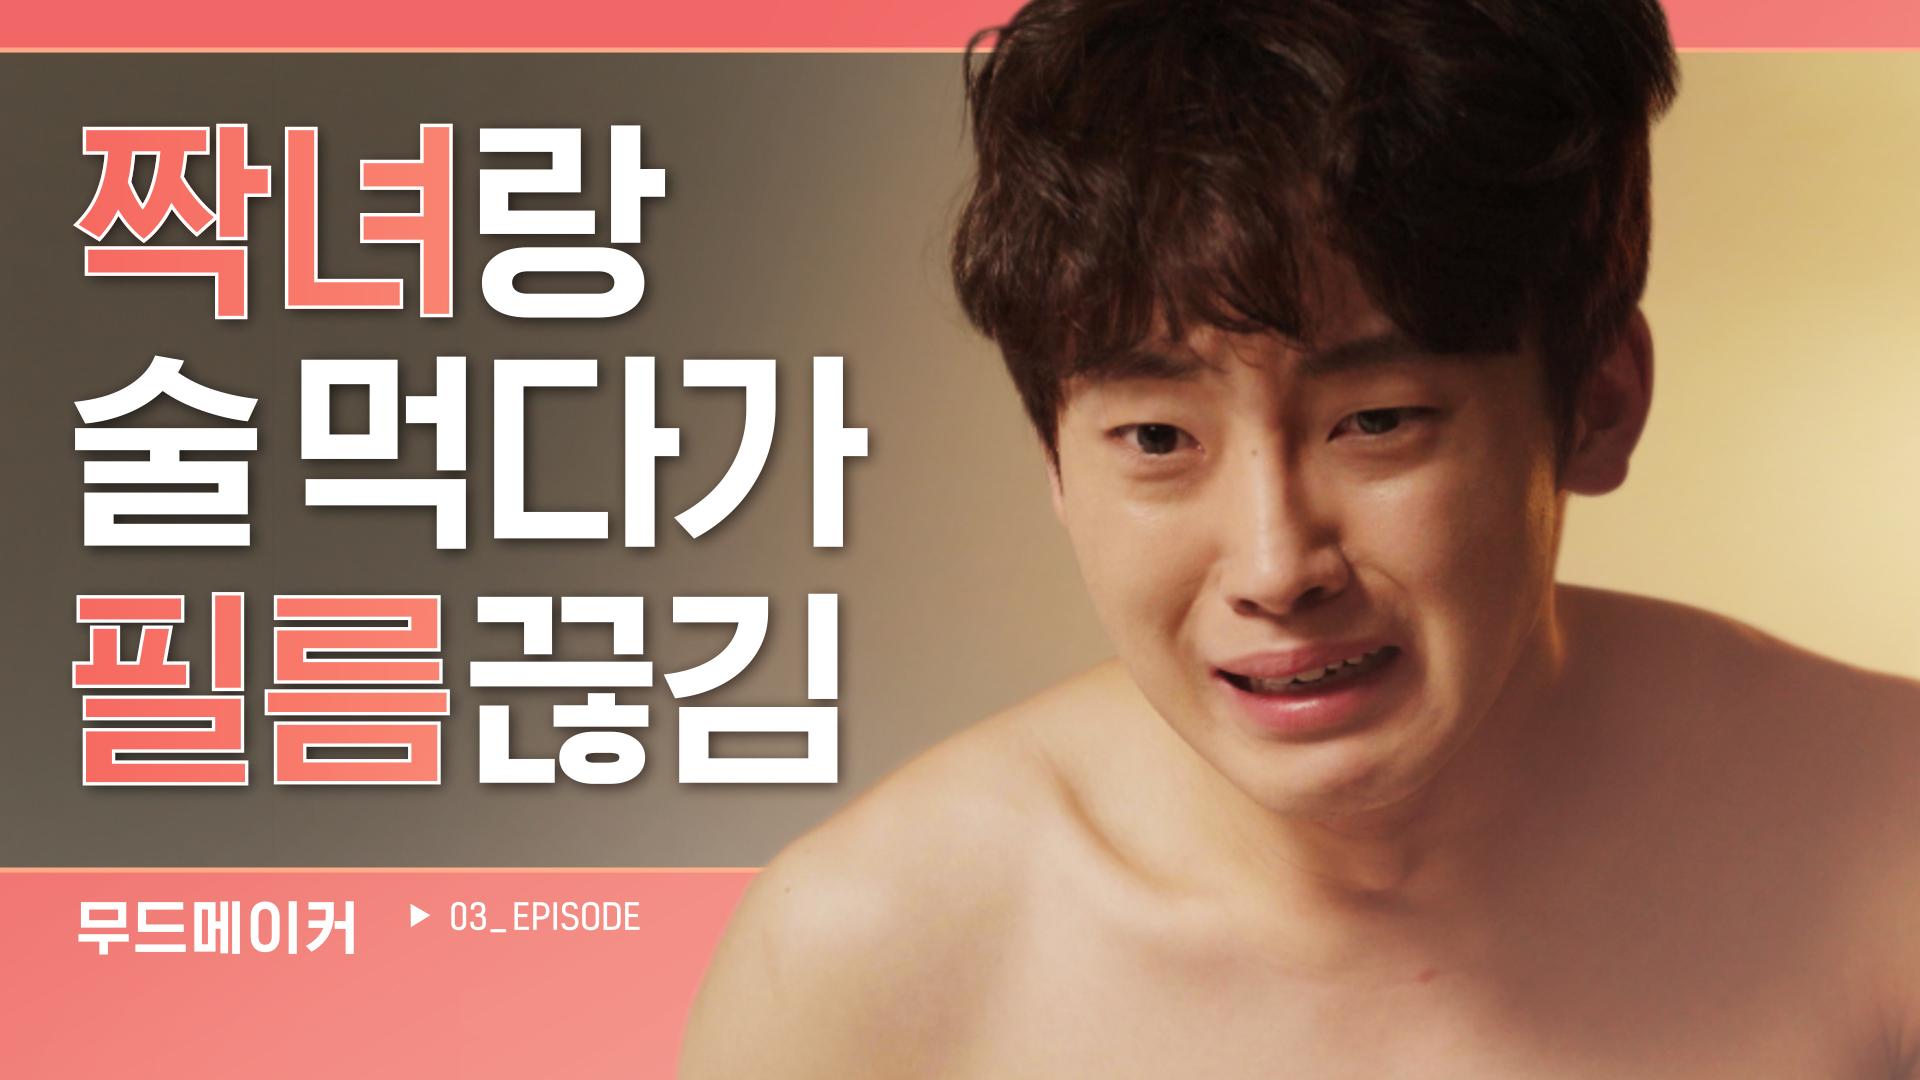 짝녀랑 술먹다가 필름끊김 [무드메이커] EP03 하경의 무드